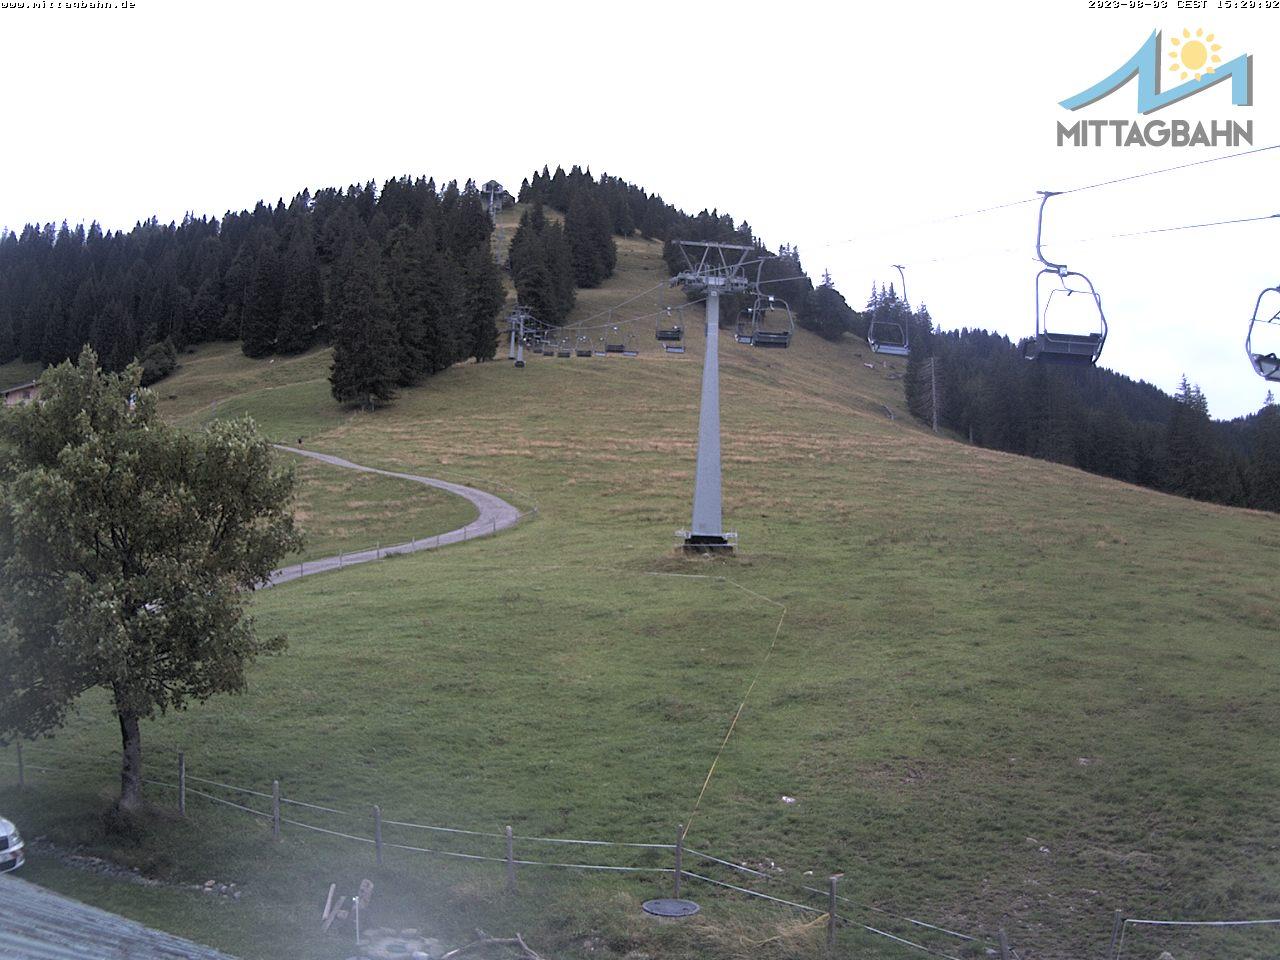 Webcam Skigebiet Immenstadt - Mittag cam 4 - Allgäu